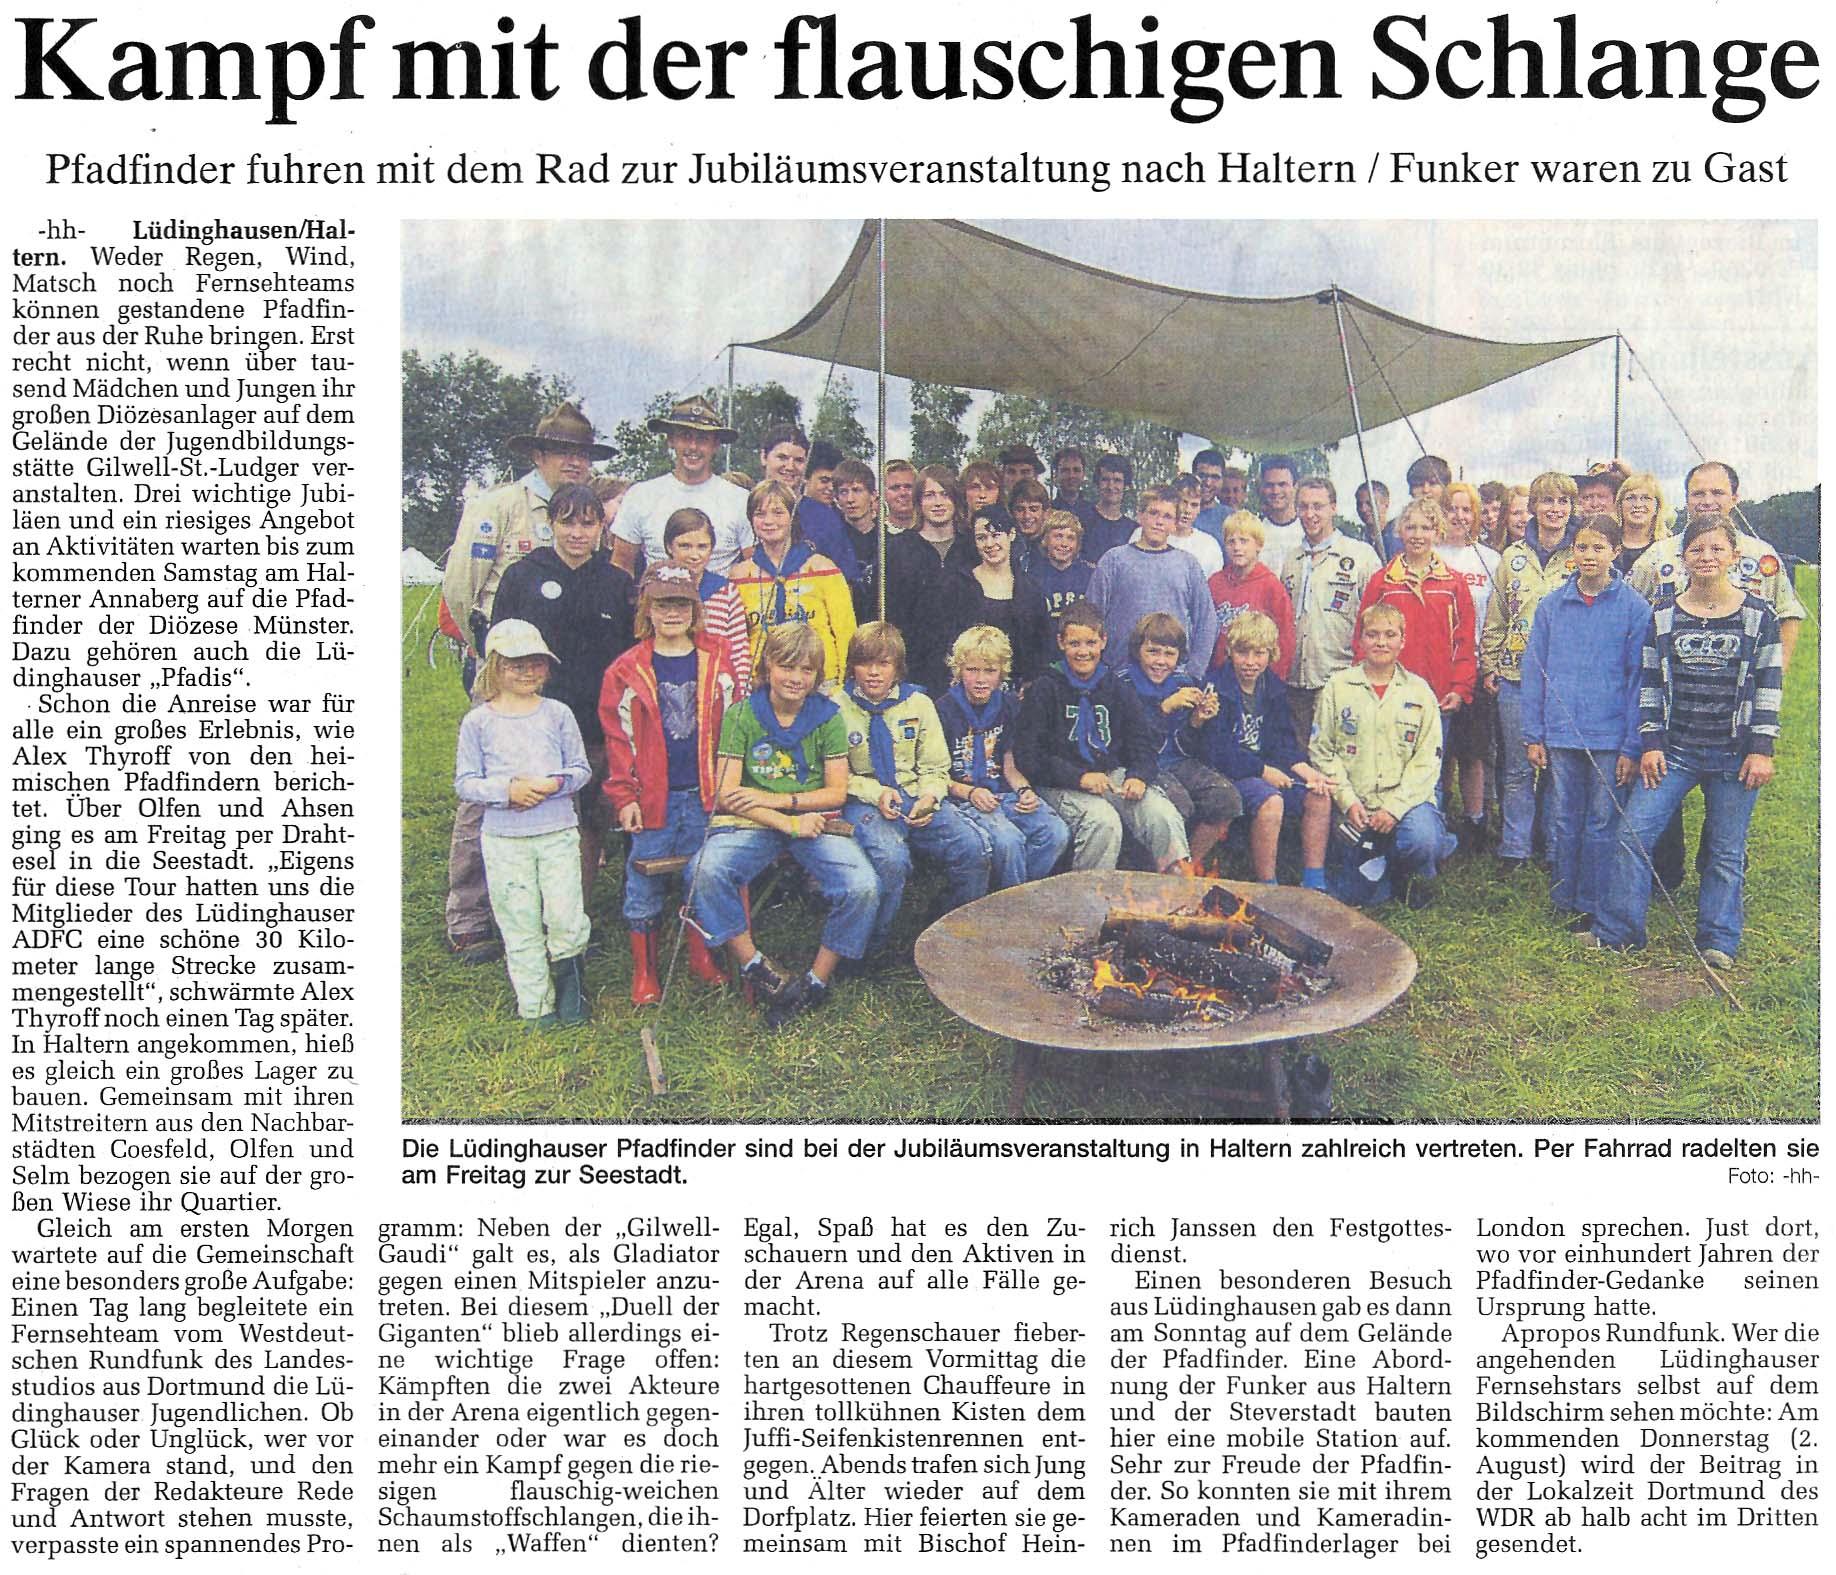 Zeitungsartikel Kampf mit der flauschigen Schlange, WN 30.7.2007